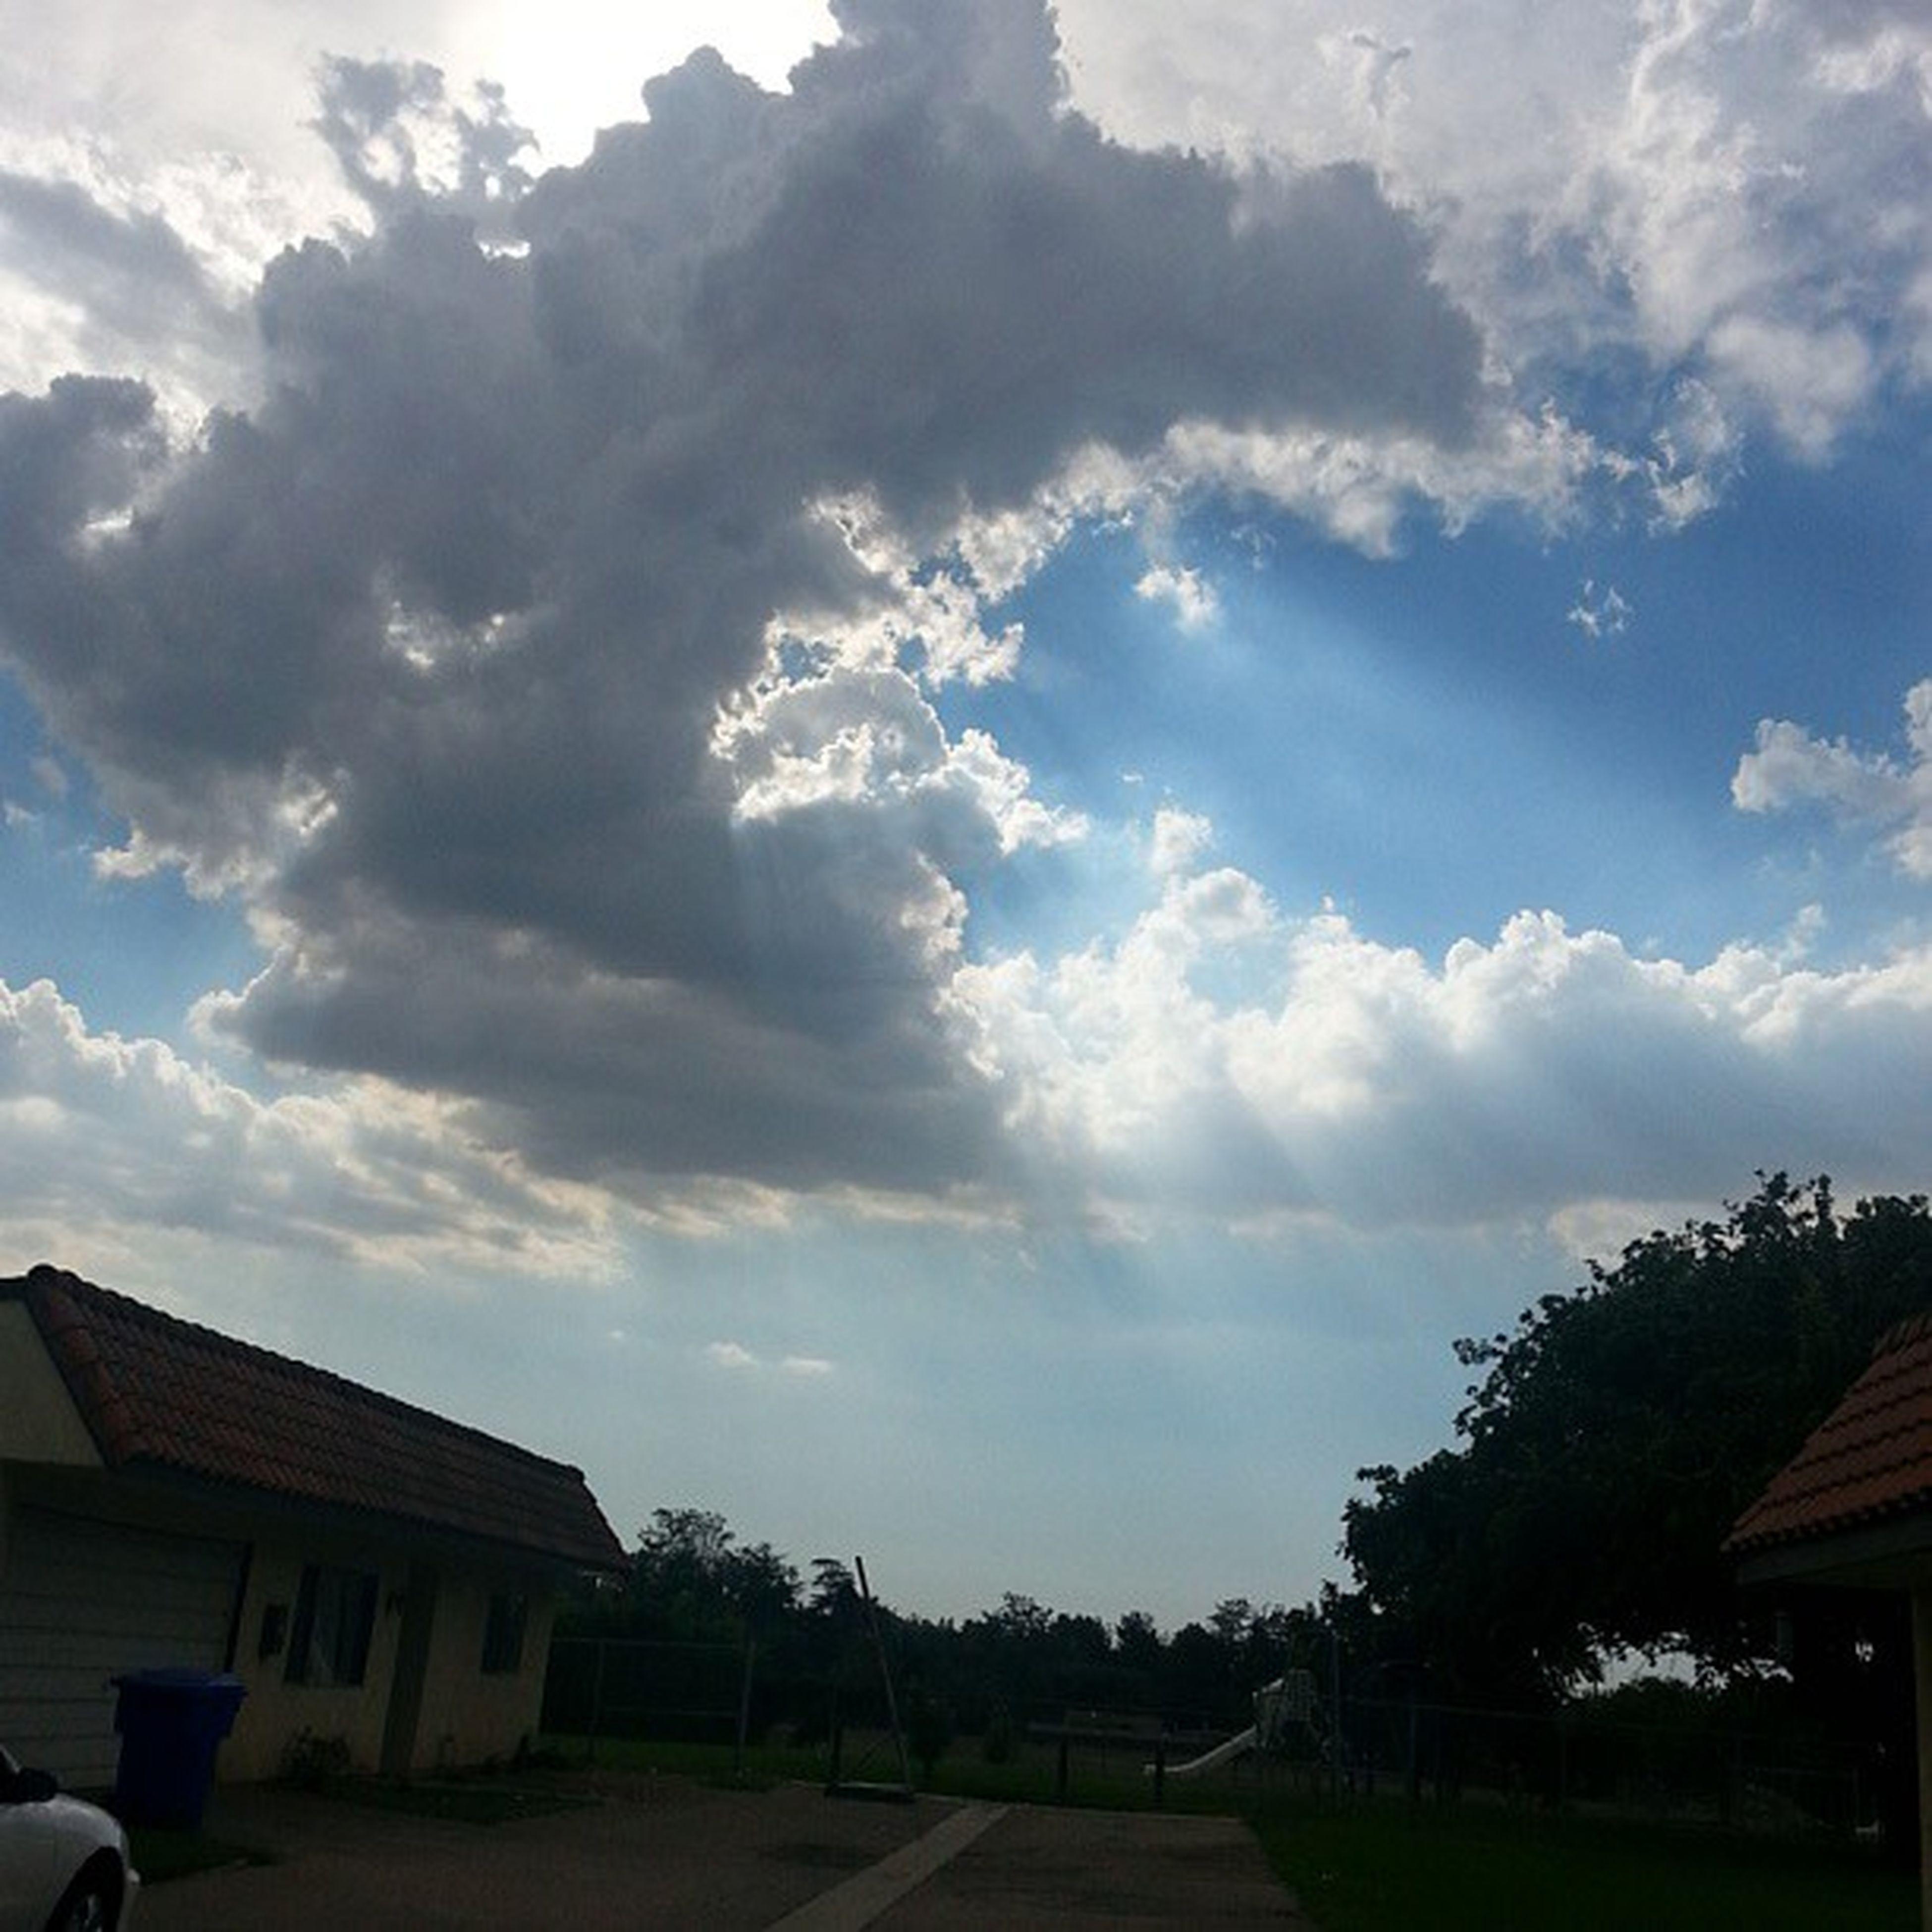 The beautiful sky. BeautifulYucaipaCa